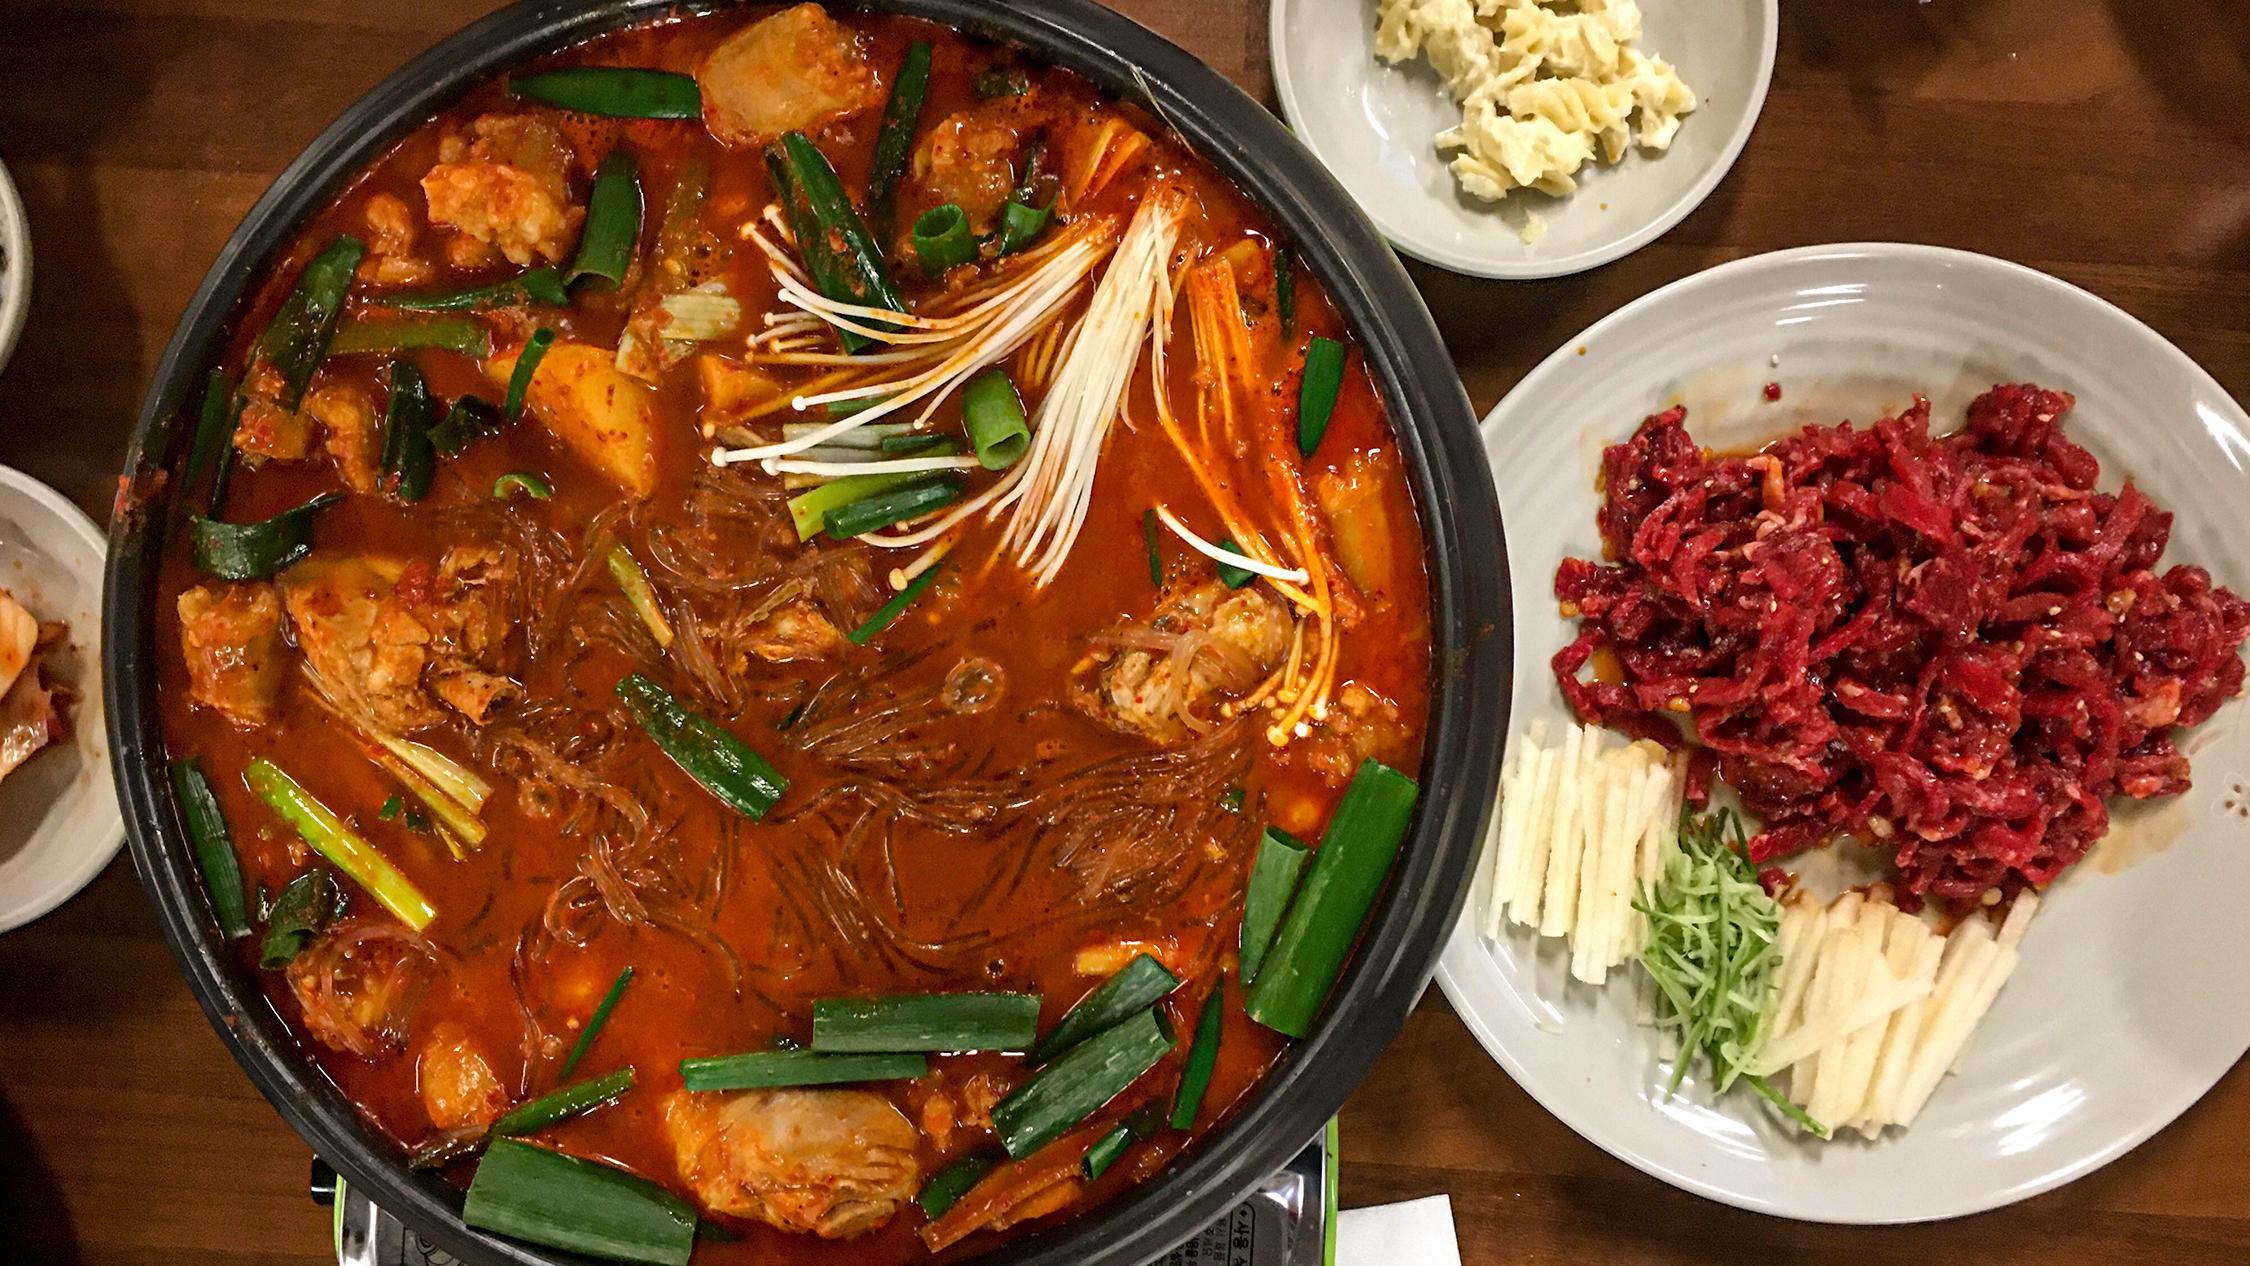 A Korean hot pot